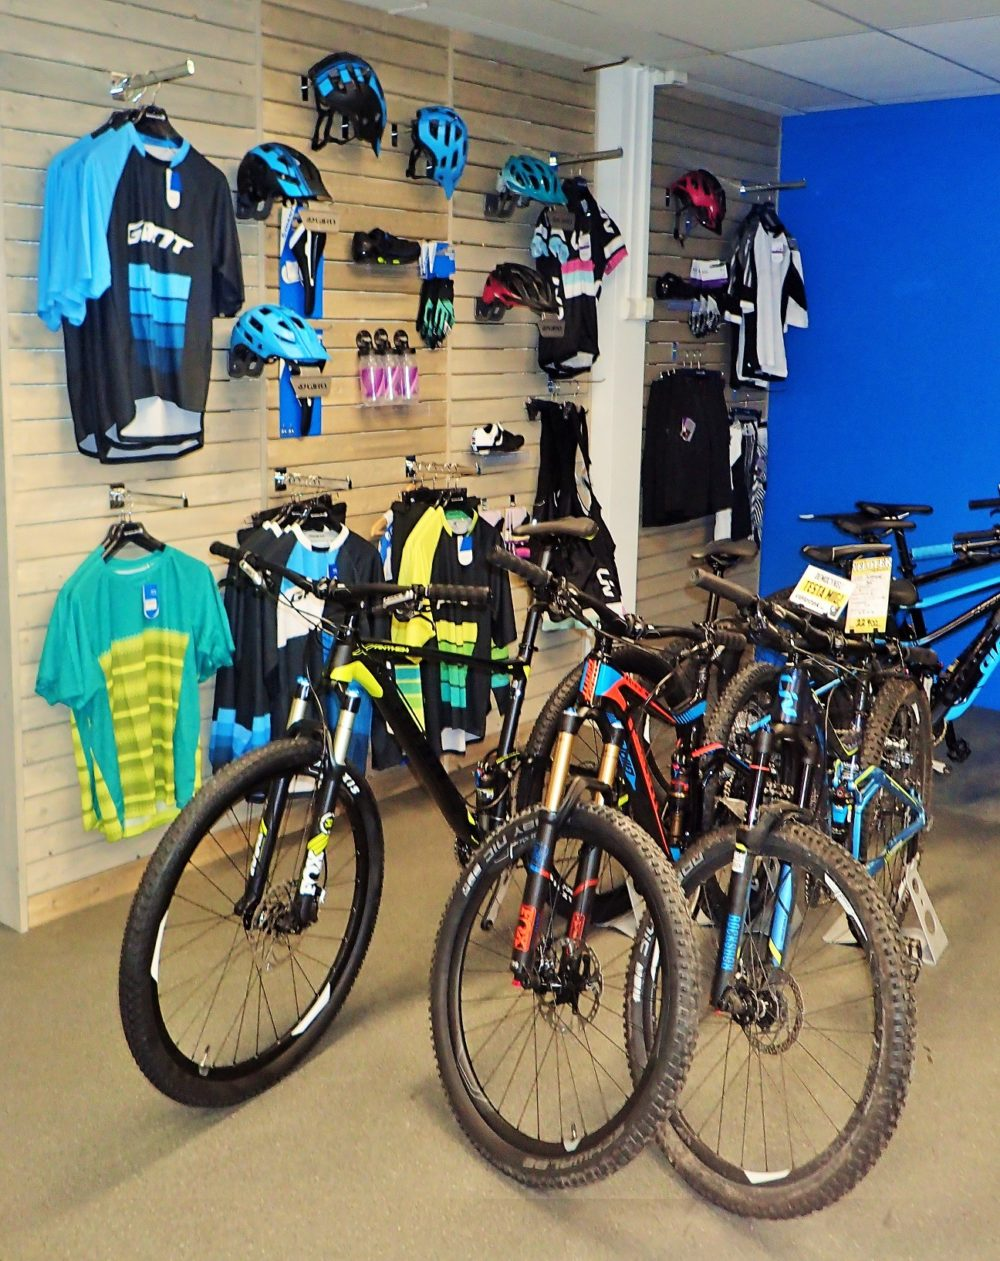 Mycket fina cyklar och prylar att kolla på i butiken också!